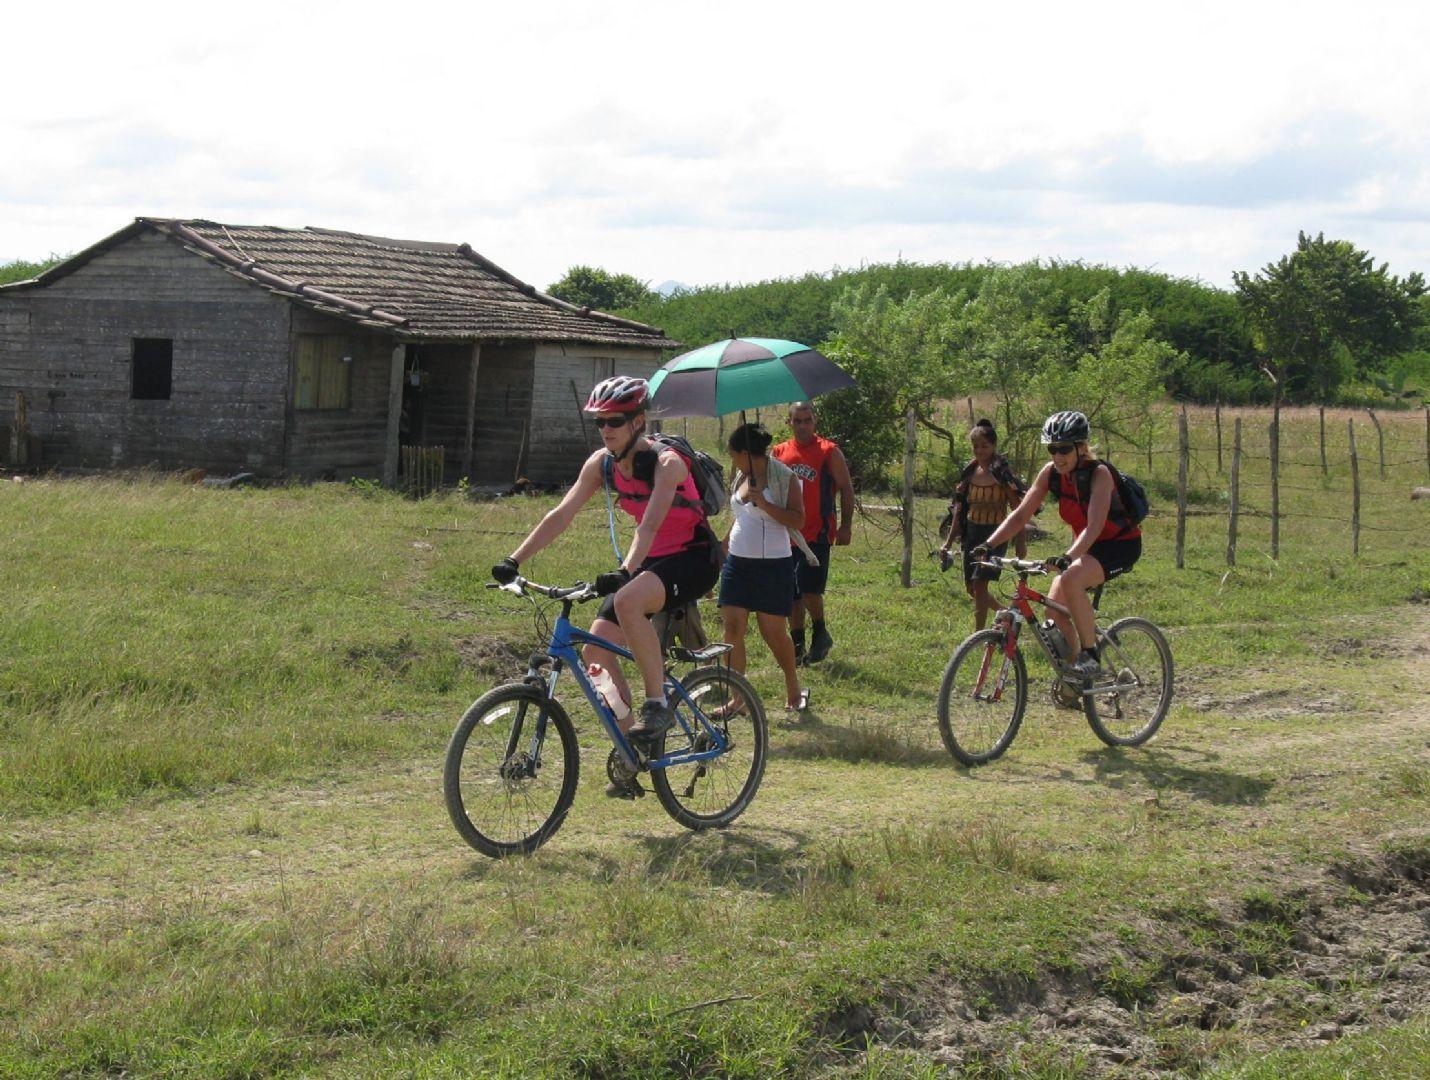 Cuba nov 2011 071b.jpg - Cuba - Cuban Revolutions - Cycling Adventures